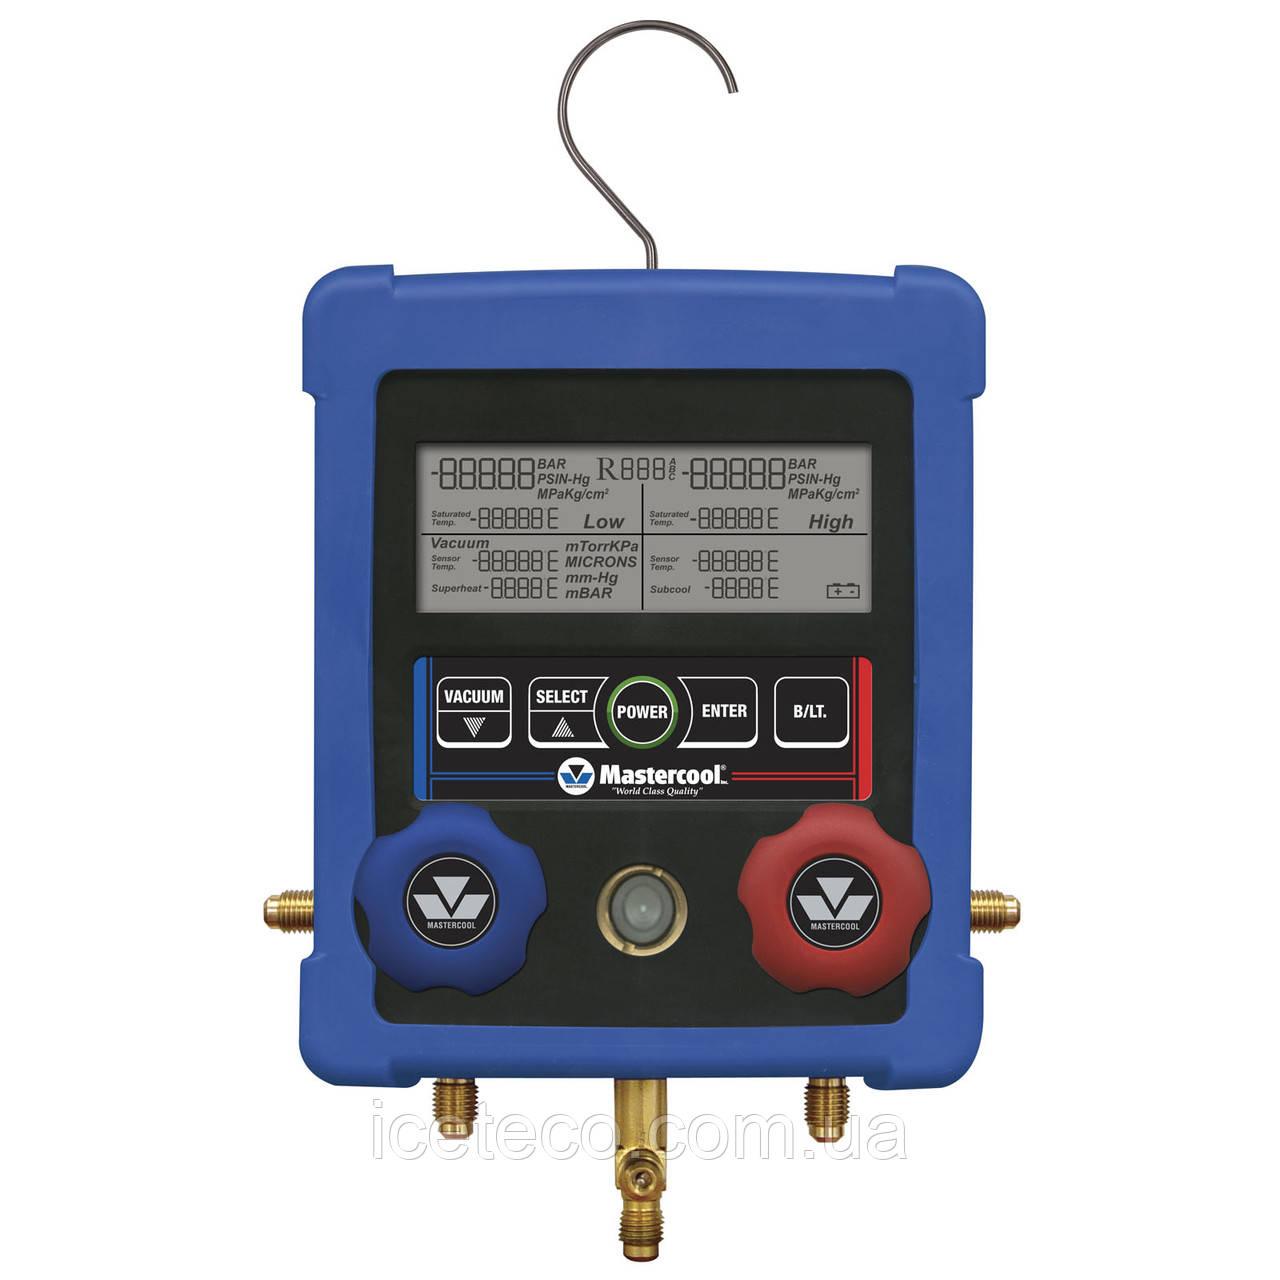 Цифровой электронный манометрический коллектор МС 99103А Mastercool